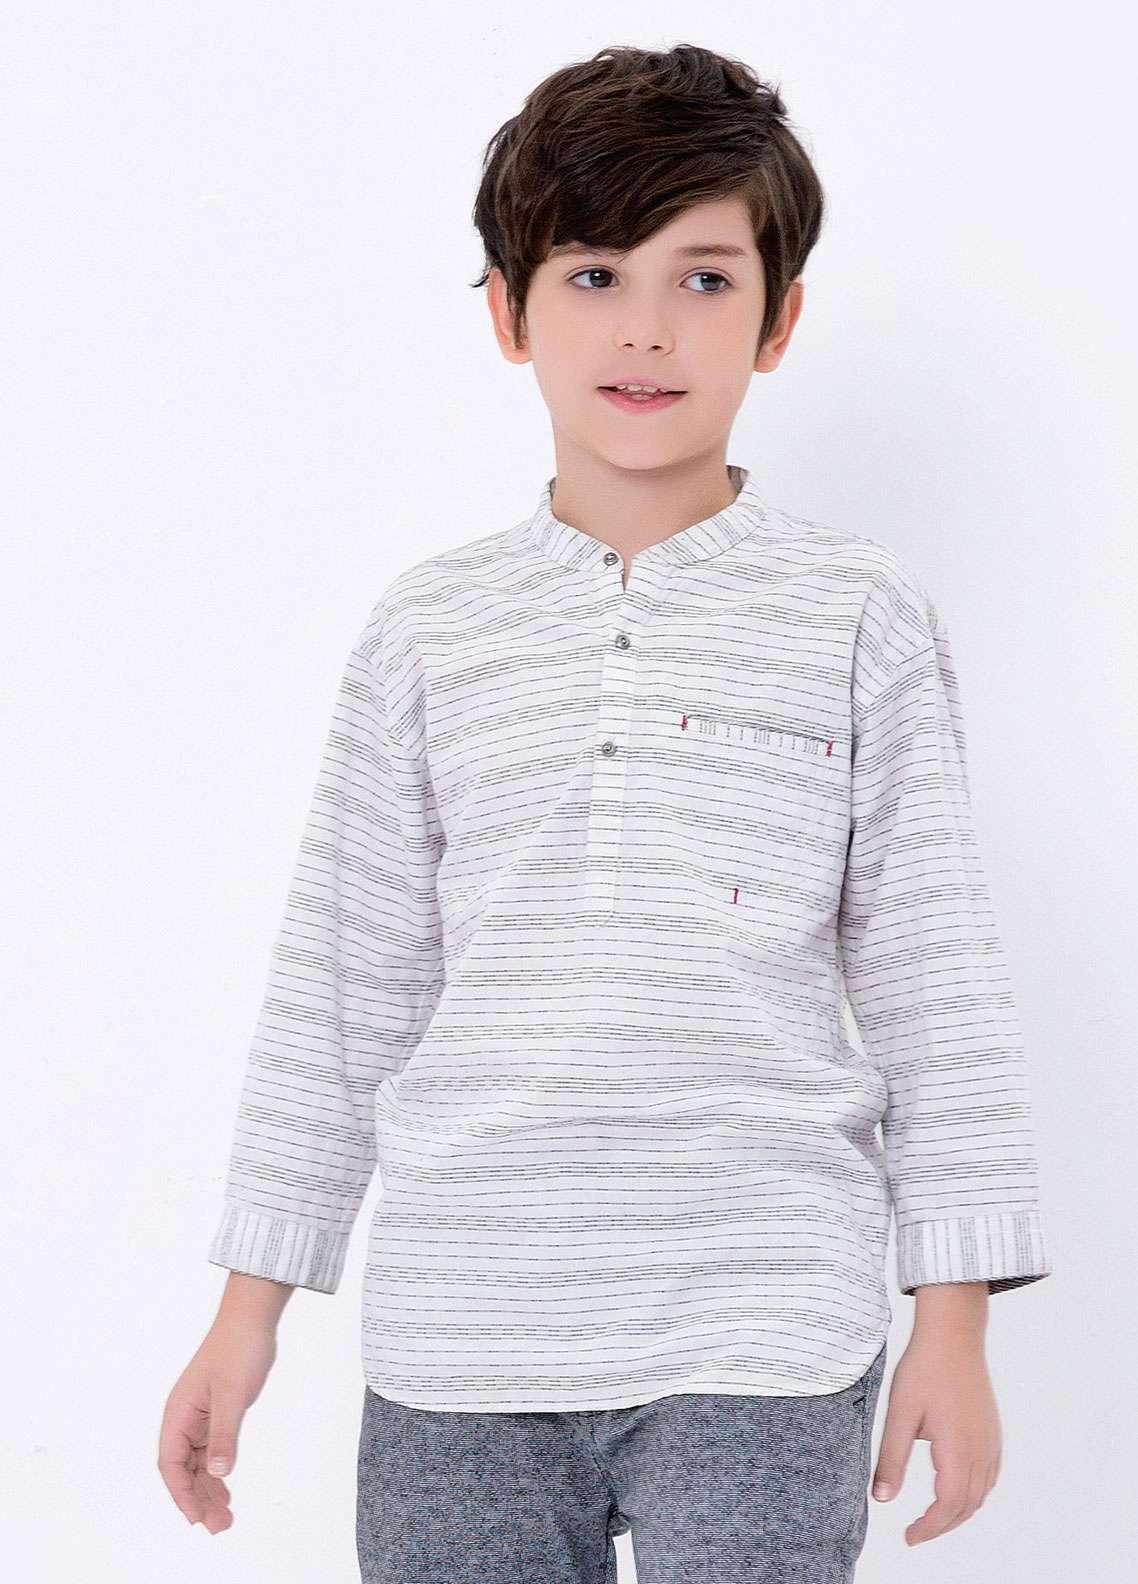 Edenrobe Cotton Casual Shirts for Boys - White EDK18CS 27184